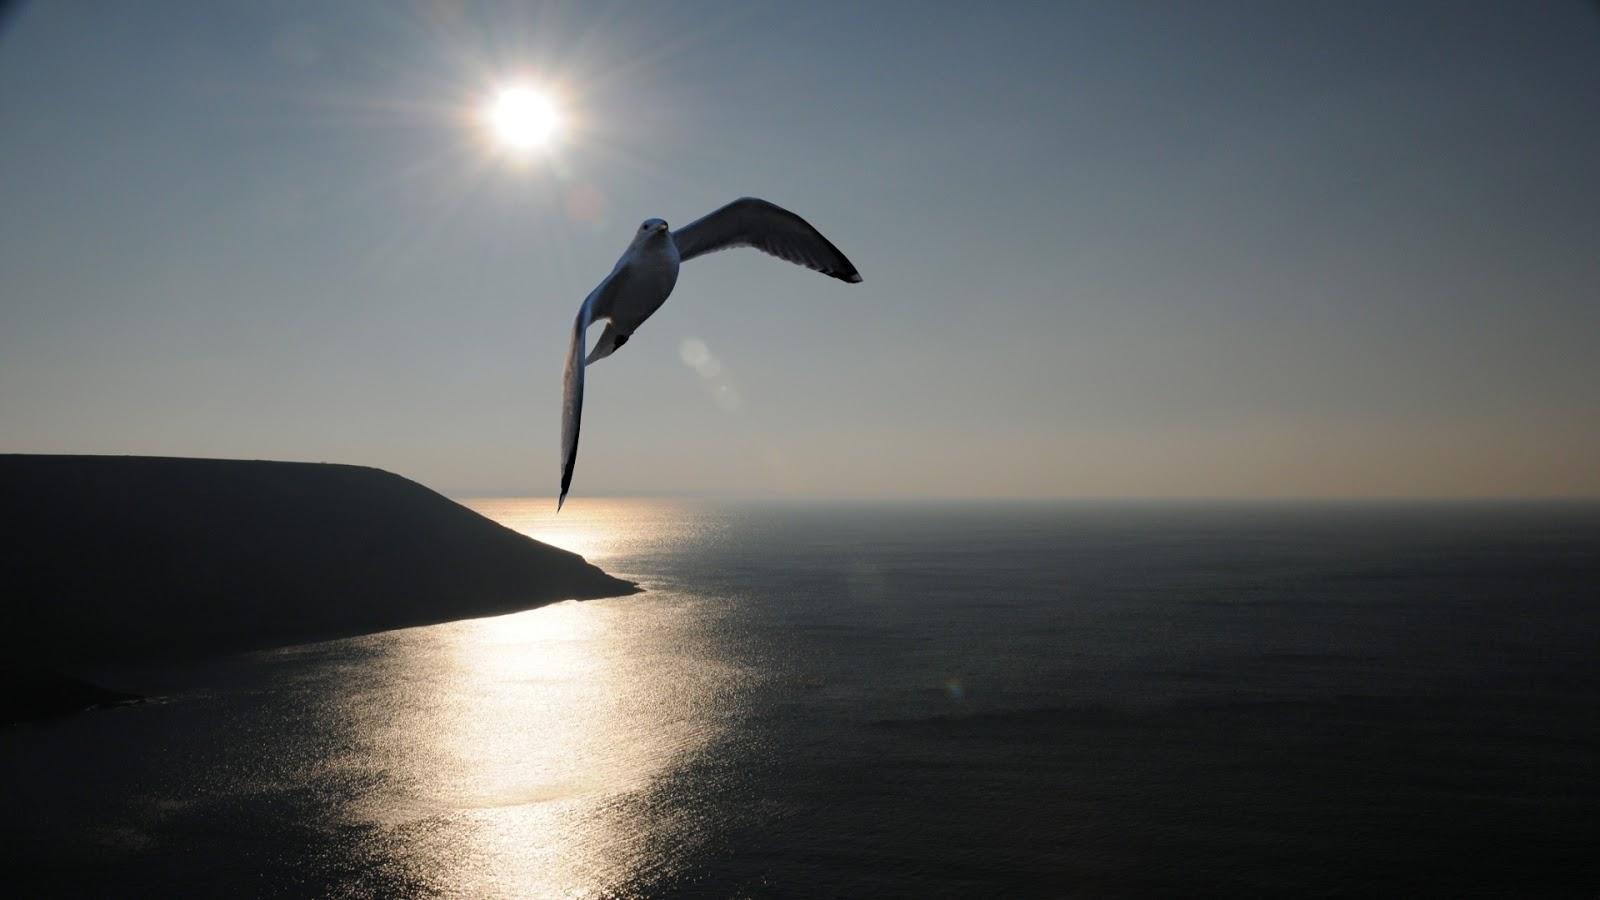 طائر النورس,النورس,Wallpapers, Wallpapers Birds, Wallpaper of Seagull,Seagull, خلفيات طيور, اجمل الطيور, خلفية طائر